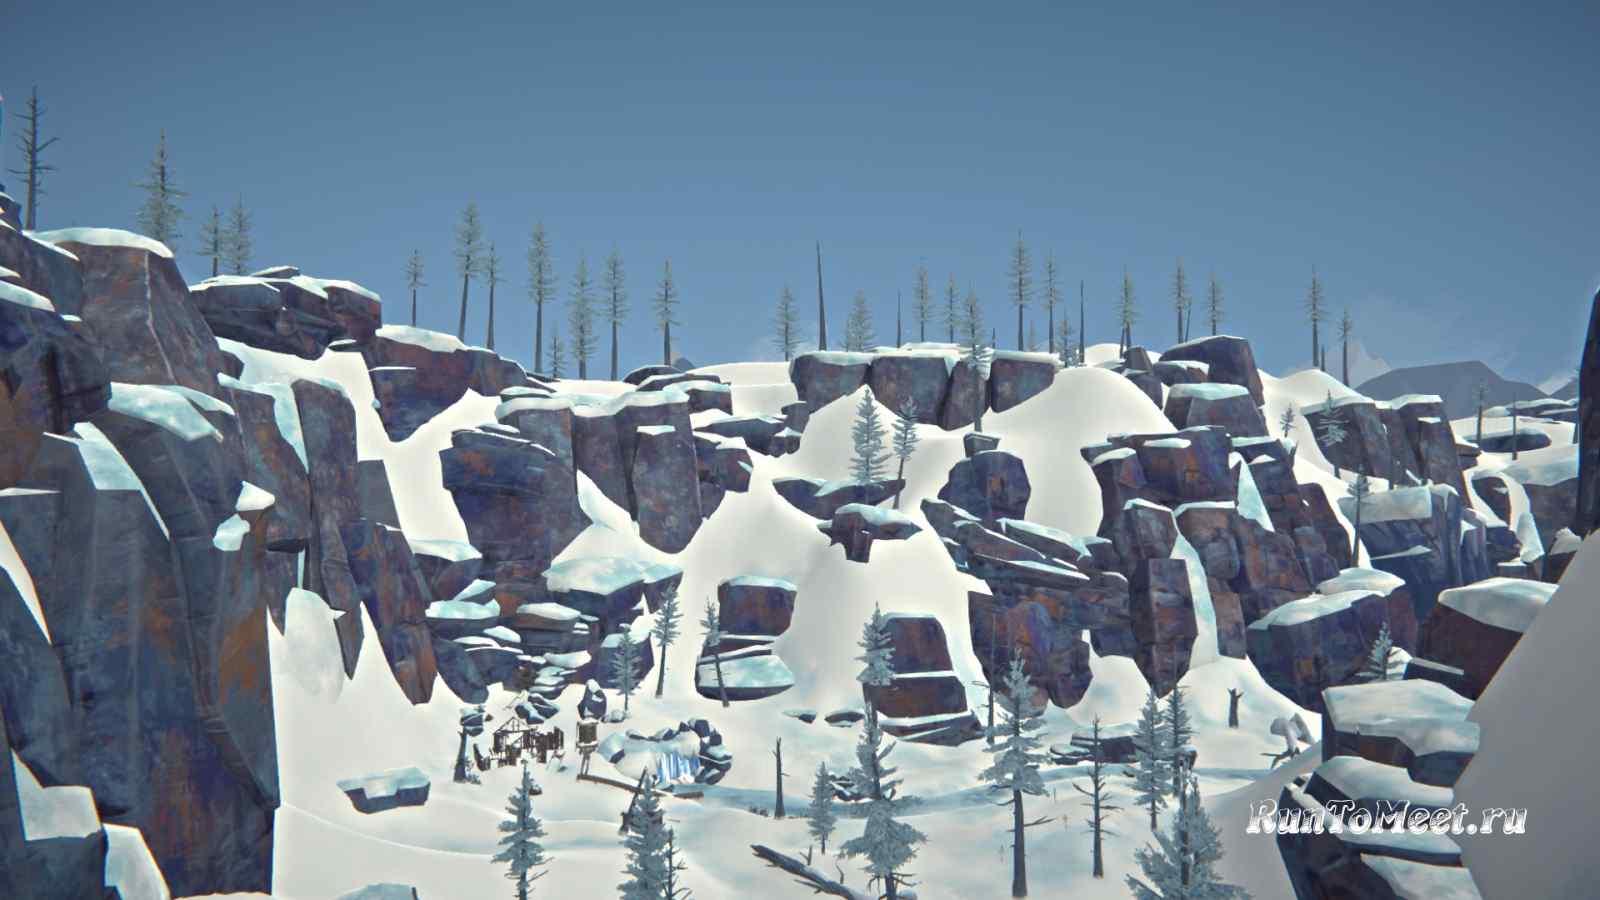 Вид на шахтерский поселок в Пепельном каньоне игры The long dark